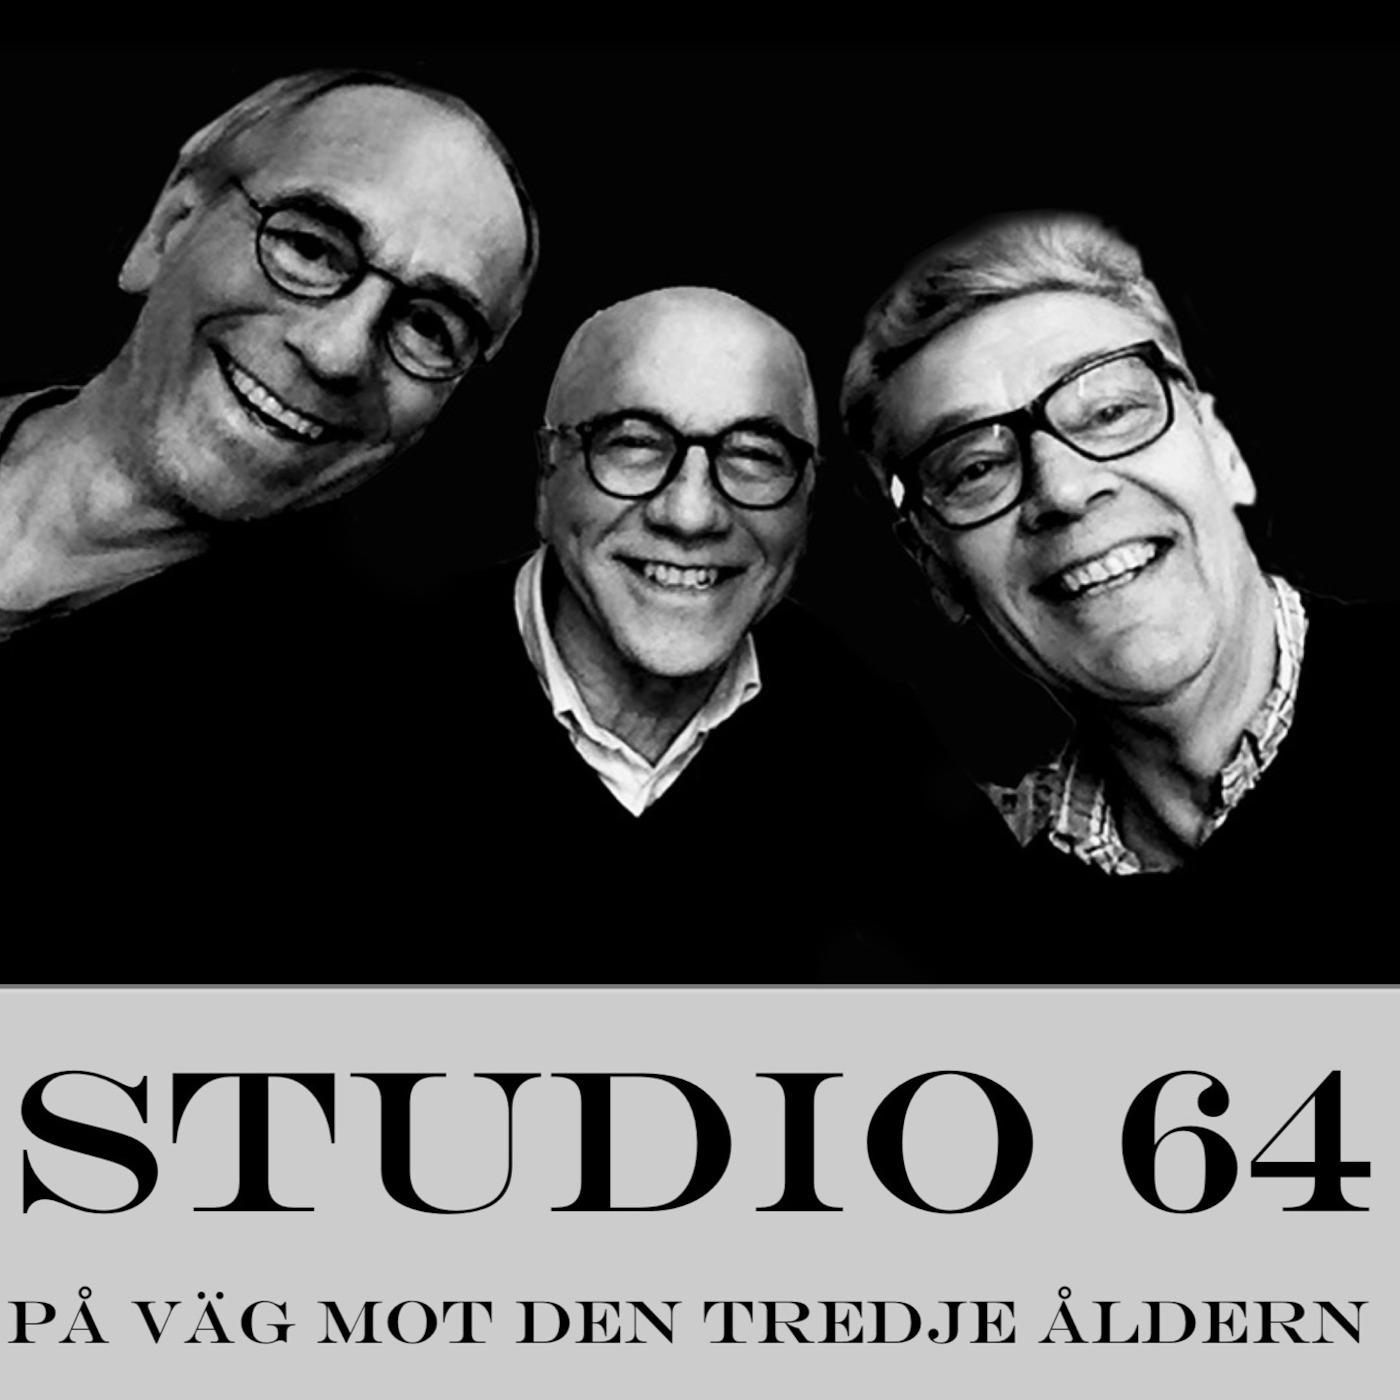 Studio 64